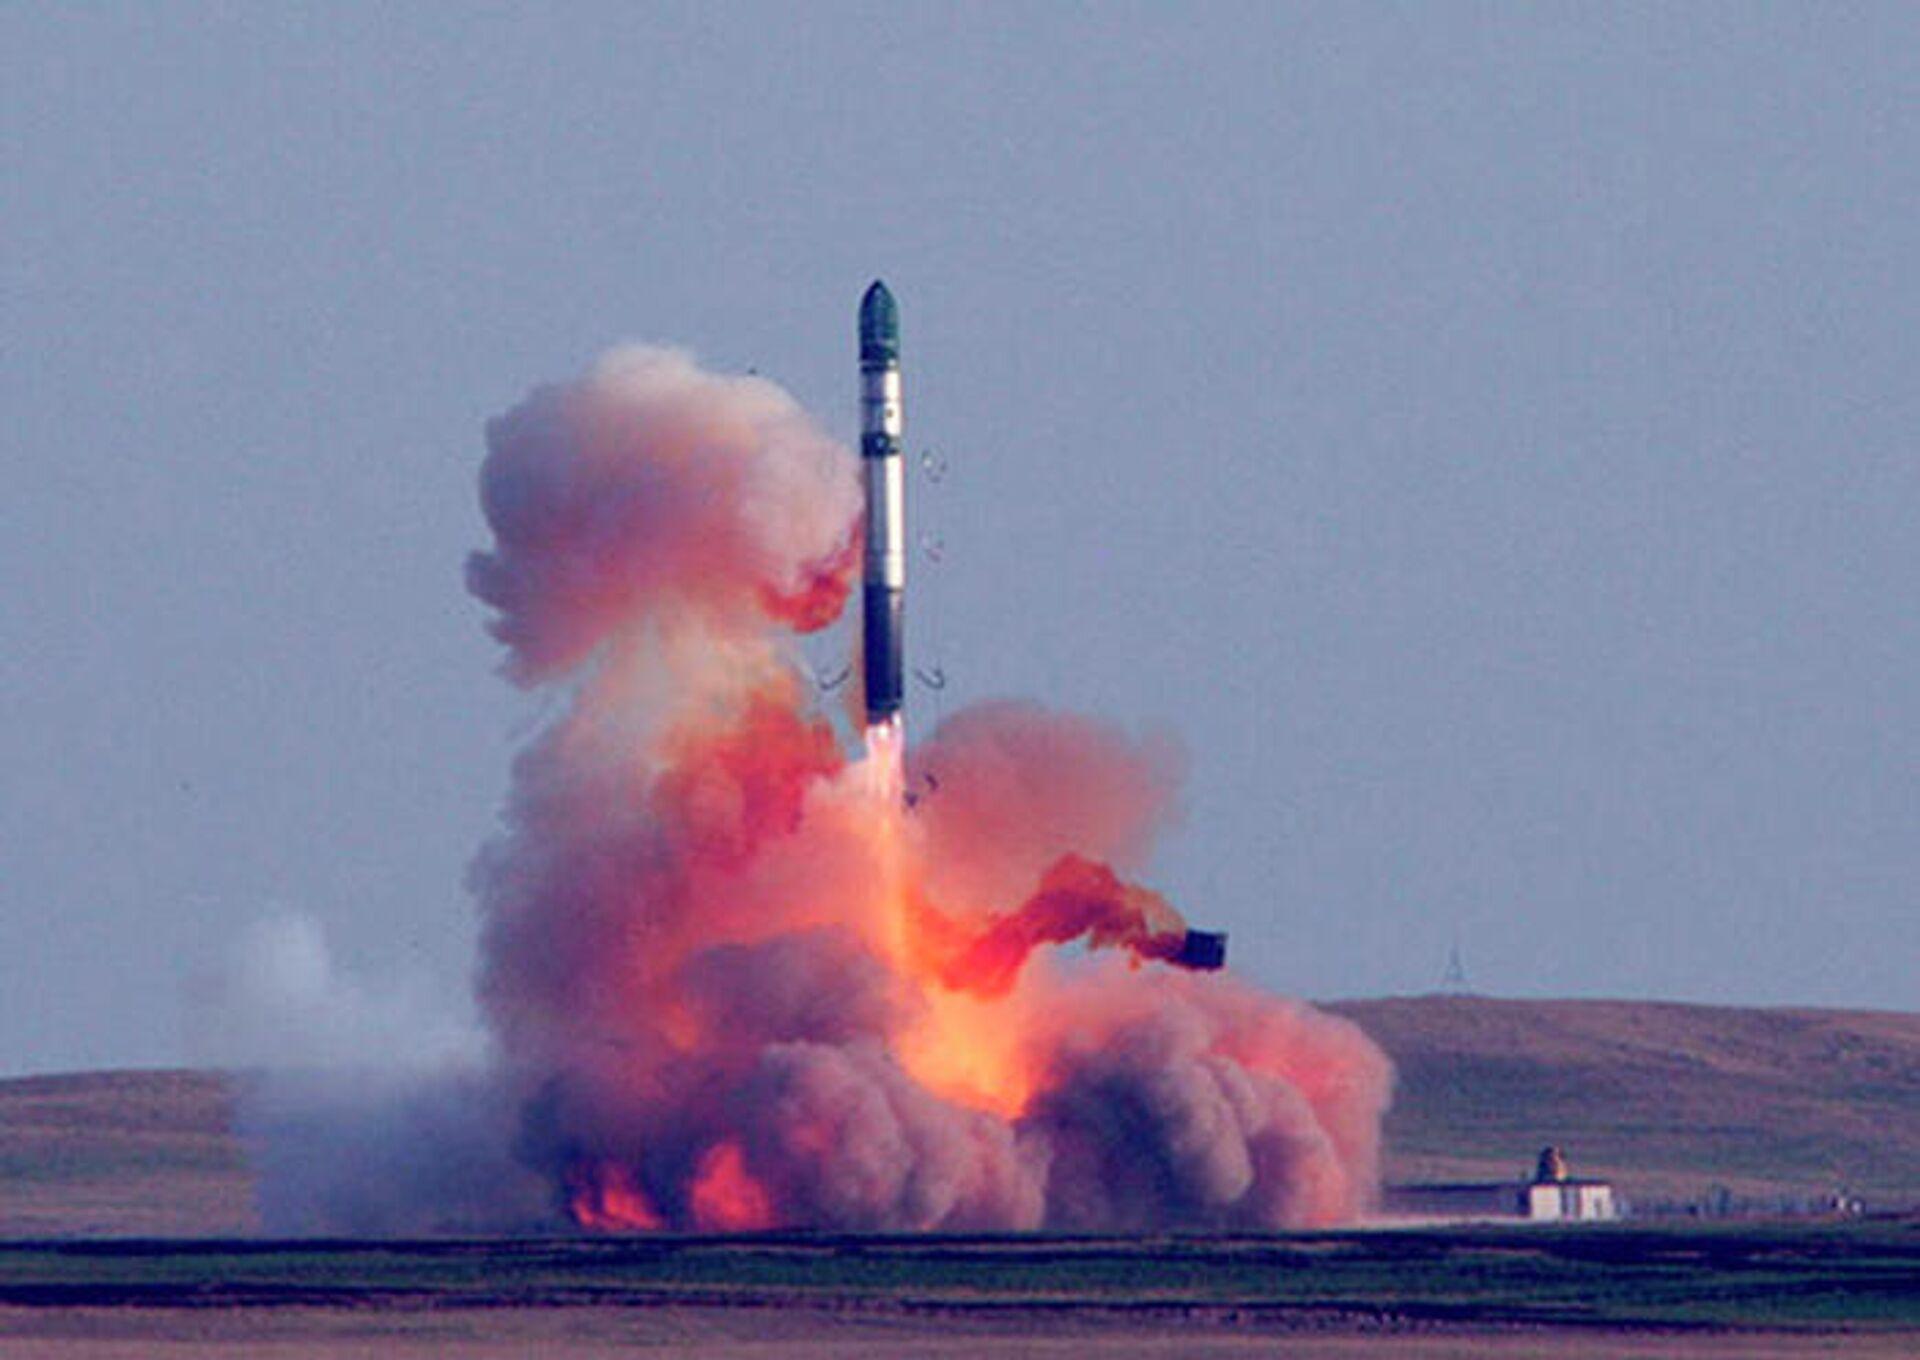 Успешный пуск ракеты РС-20Б из позиционного района Домбаровский Ясненского ракетного соединения - РИА Новости, 1920, 11.03.2021